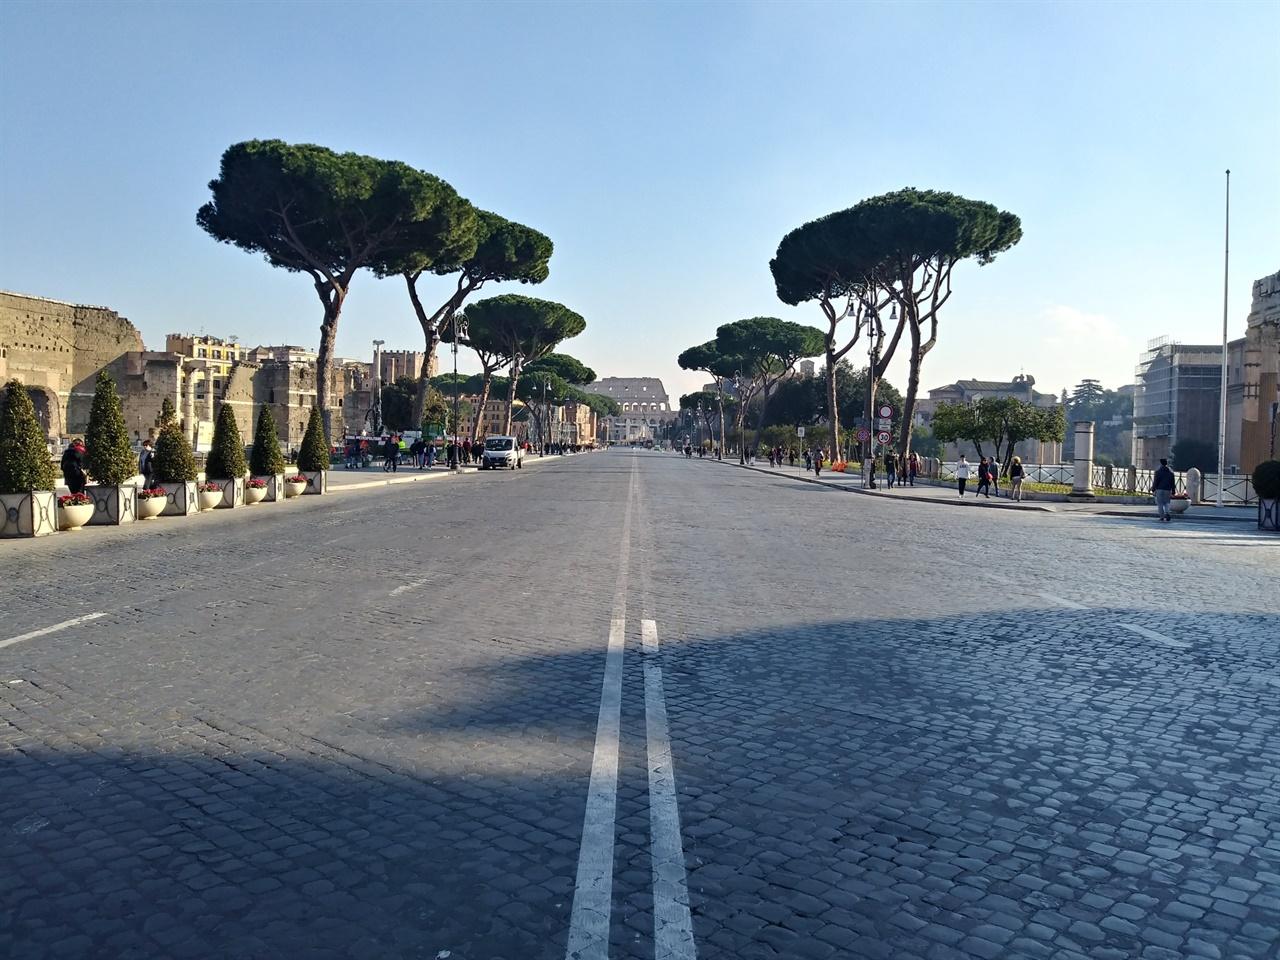 포리 임페리알리 모습 무솔리니가 건설한 '제국의 길'이 포로 로마노를 가르고 있다. 이탈리아 통일의 주역인 이마누엘레 2세 기념관과 콜로세오를 연결하는 도로로, 파시즘의 대표적인 잔재다.